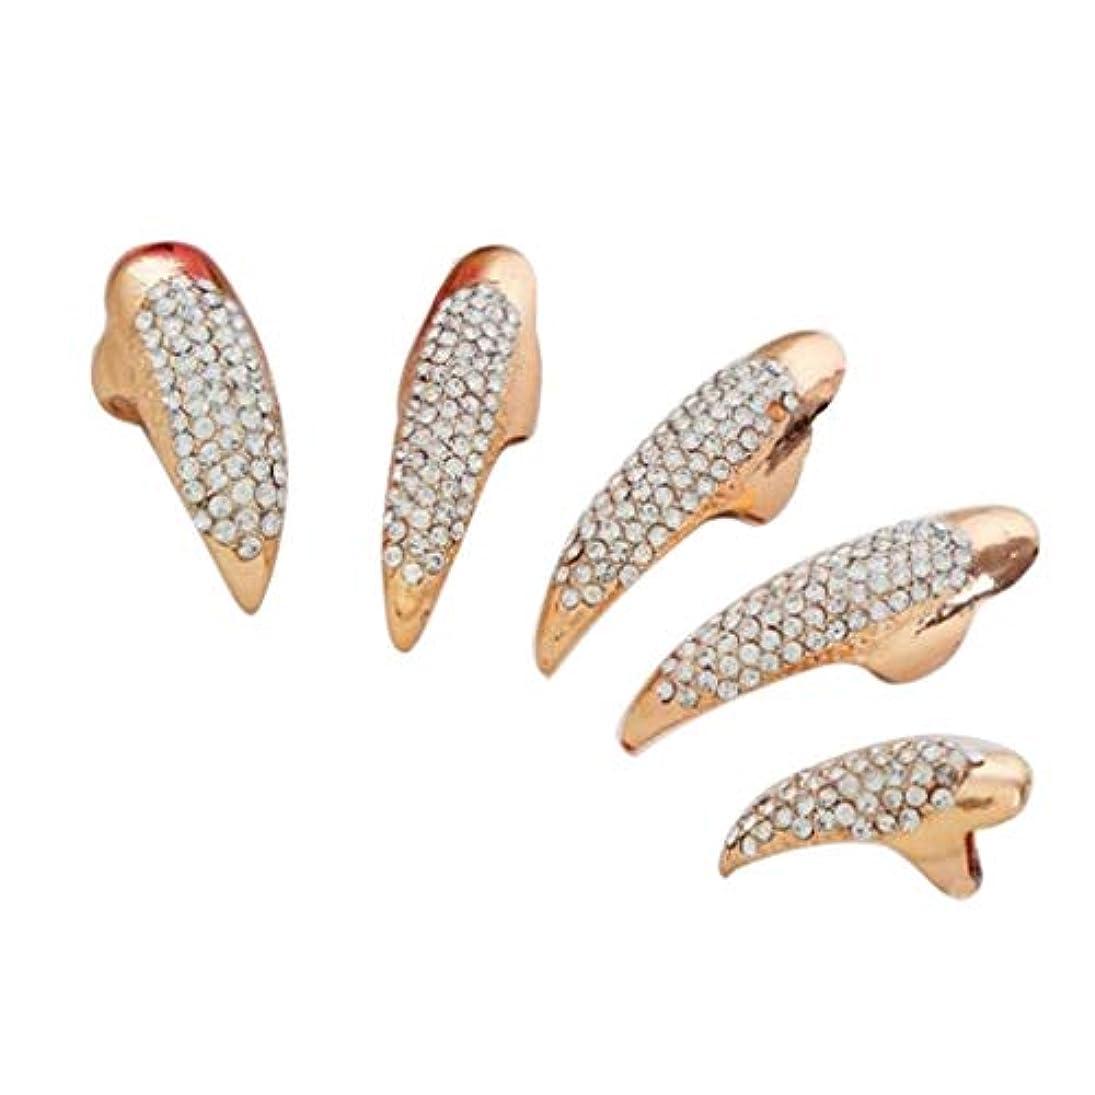 モディッシュ開示するコウモリT TOOYFUL ファッションイーグル爪リングクリスタルジュエリーネイルアートデコレーションパーティー - ゴールデン